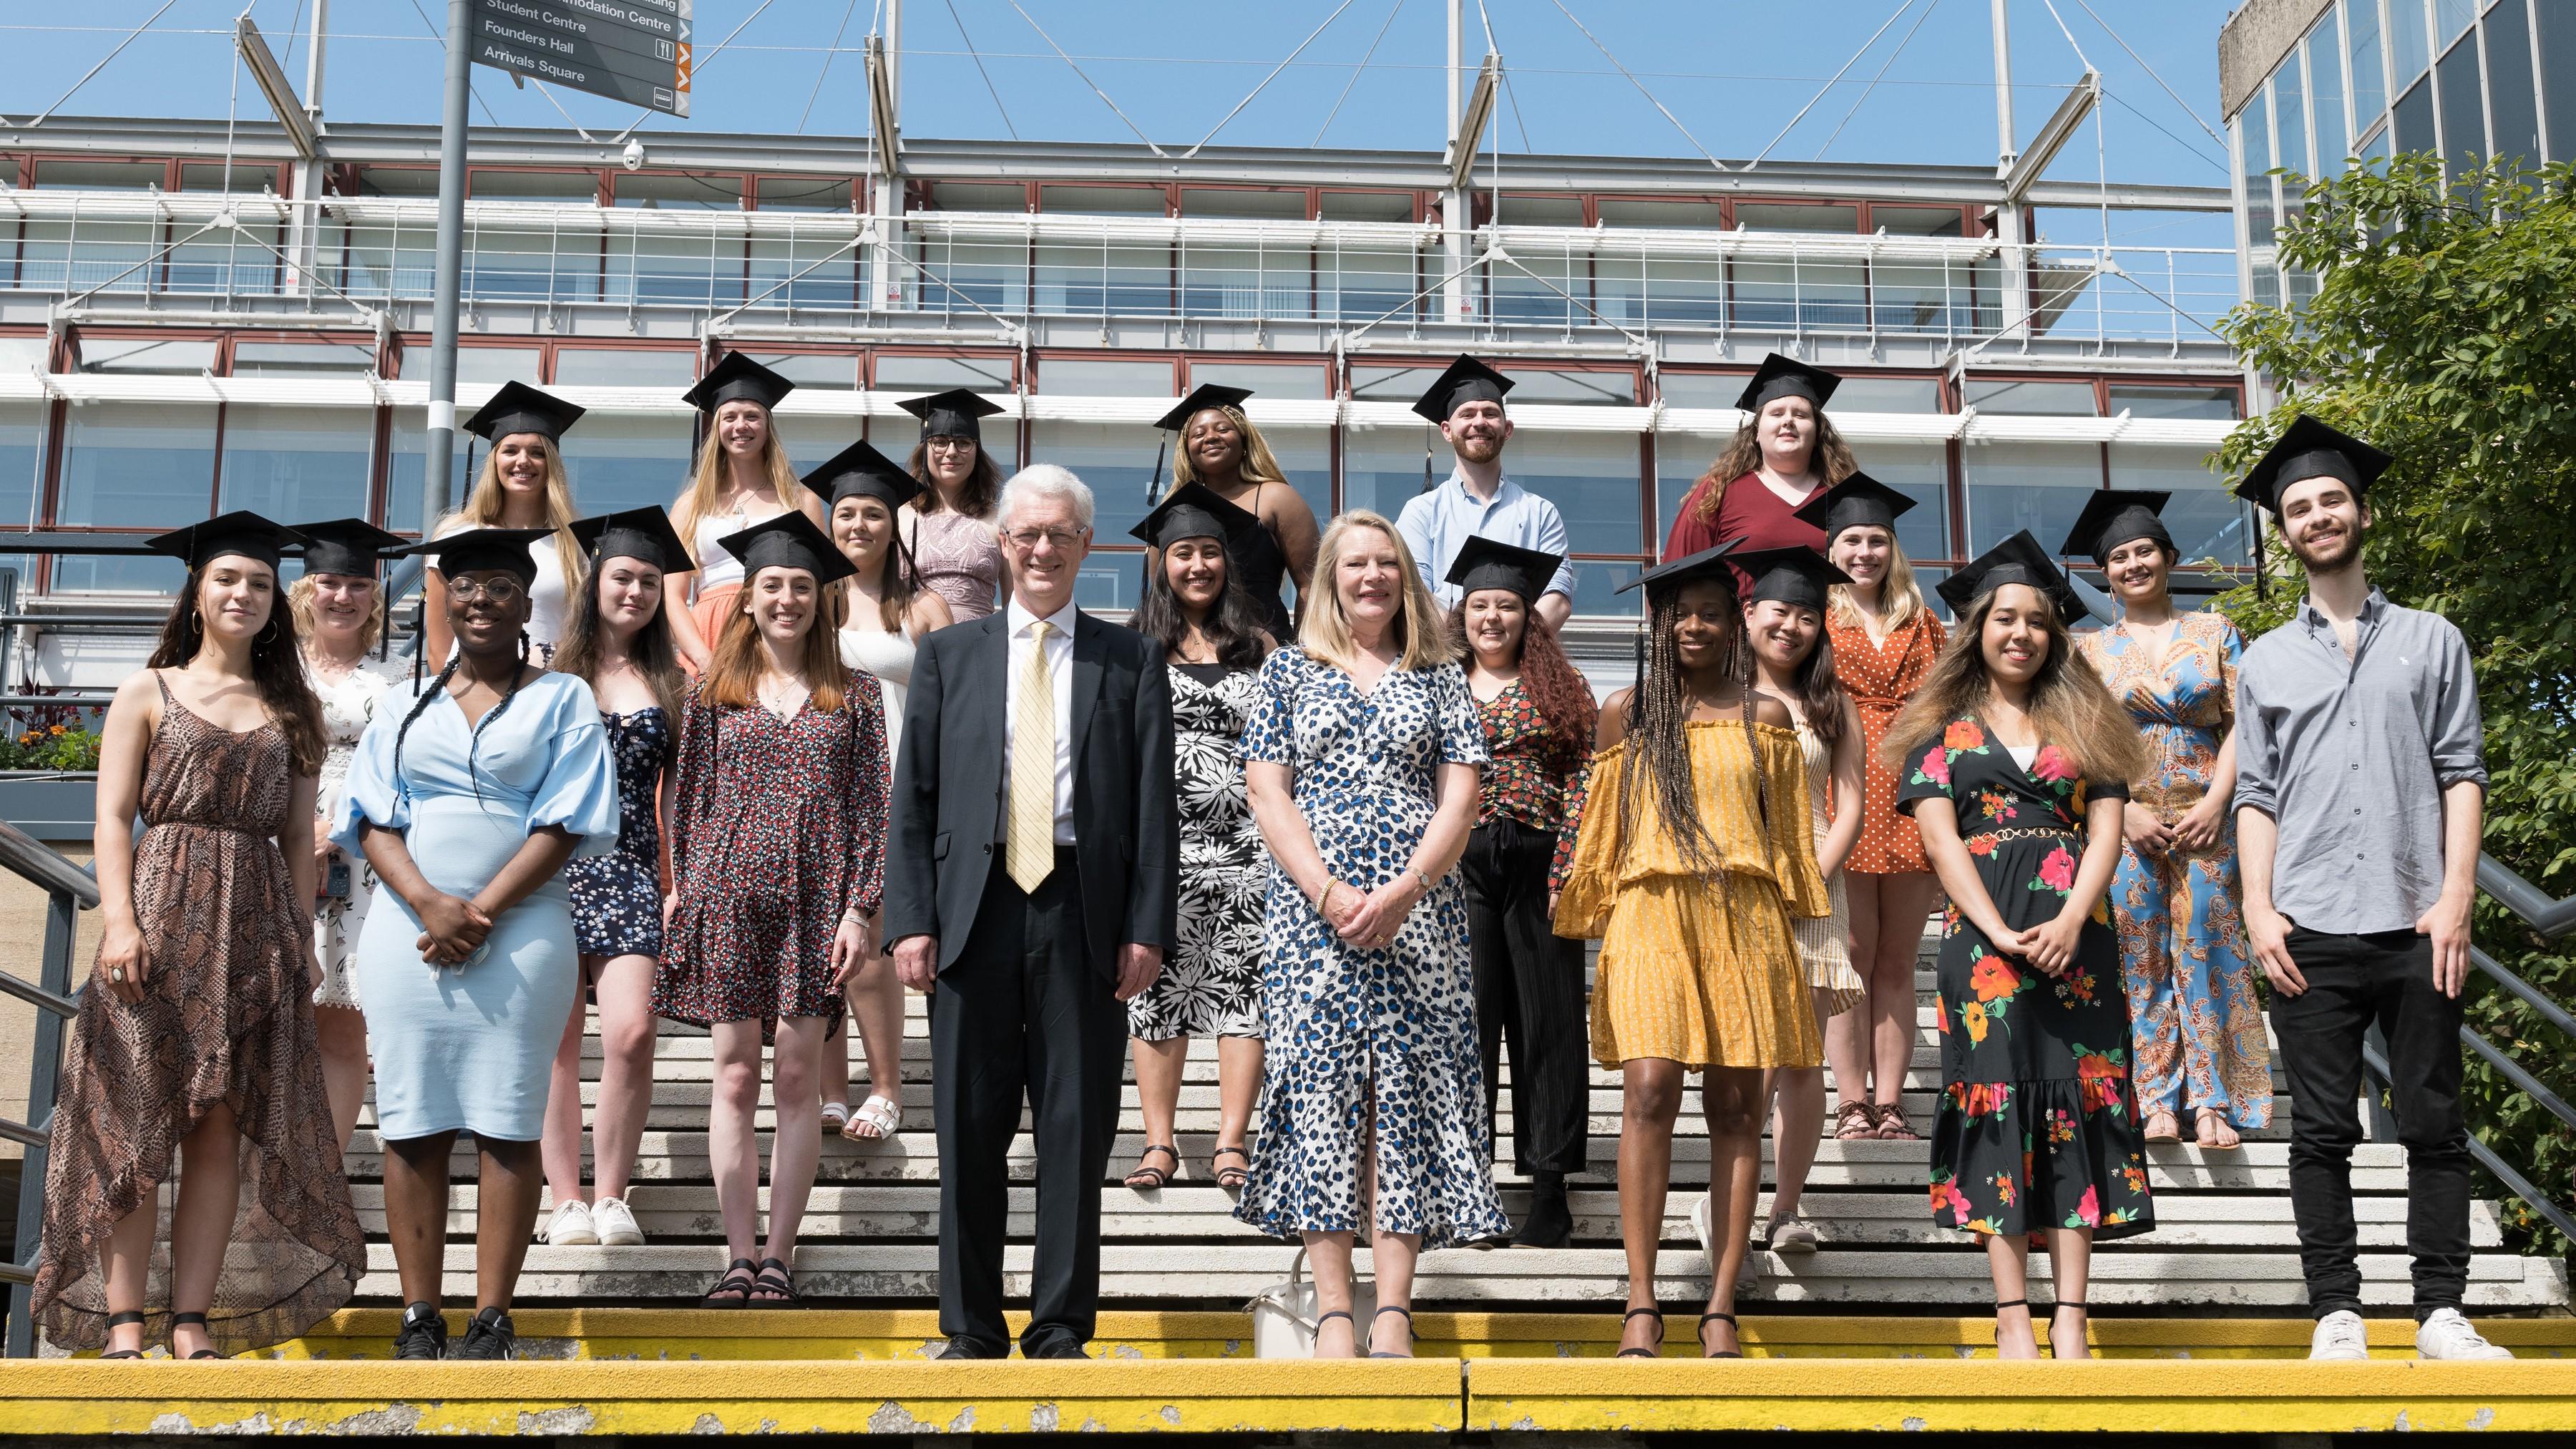 一群即将毕业的黄金奖学金获得者与伊恩·怀特和玛格丽特·怀特一起站在图书馆前的台阶上